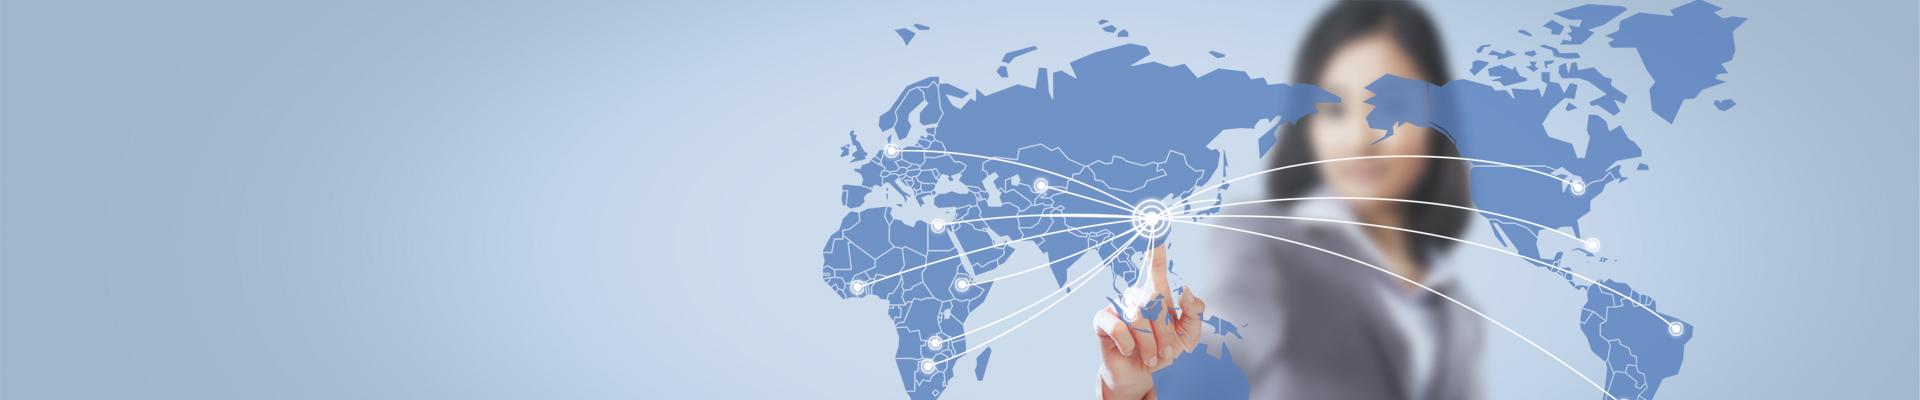 优质产品,全球共享